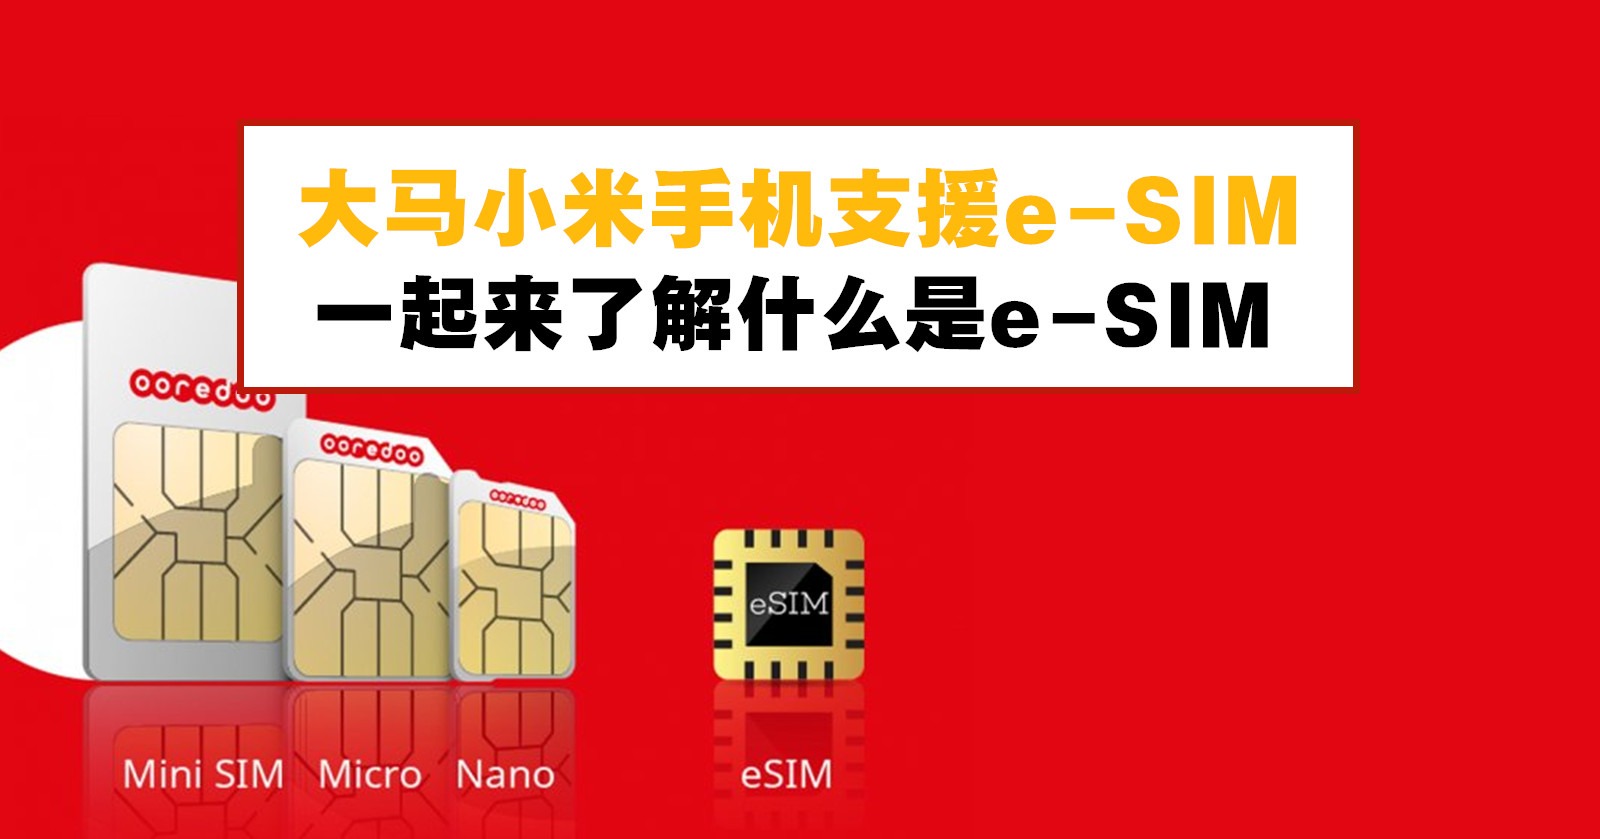 大马小米手机支援e-SIM